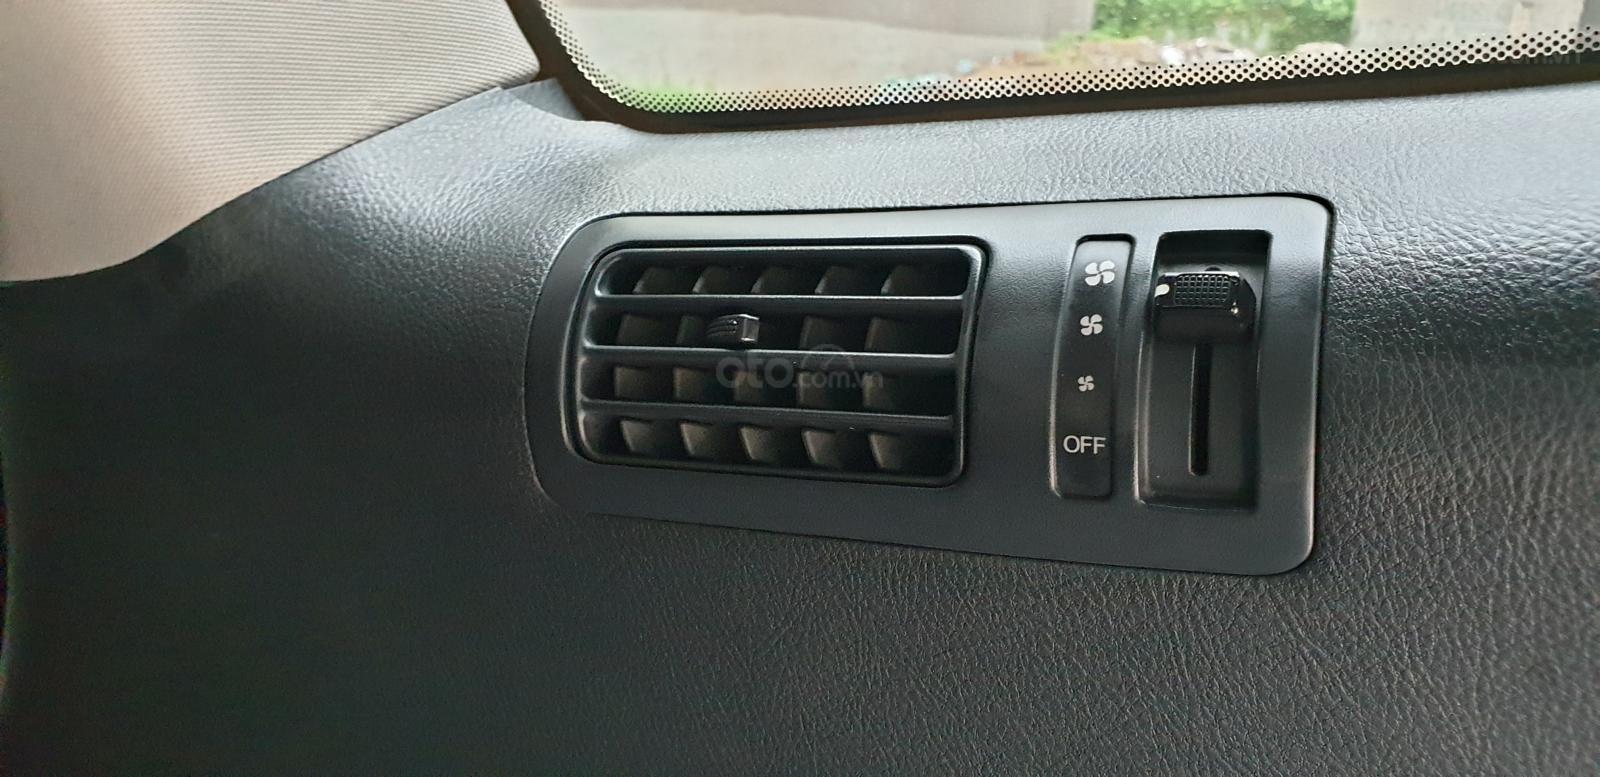 Bán Hyundai Santa Fe SLX 2.0 AT 4×2 2009, máy dầu, số tự động, màu bạc, nhập khẩu, mới 80%-19